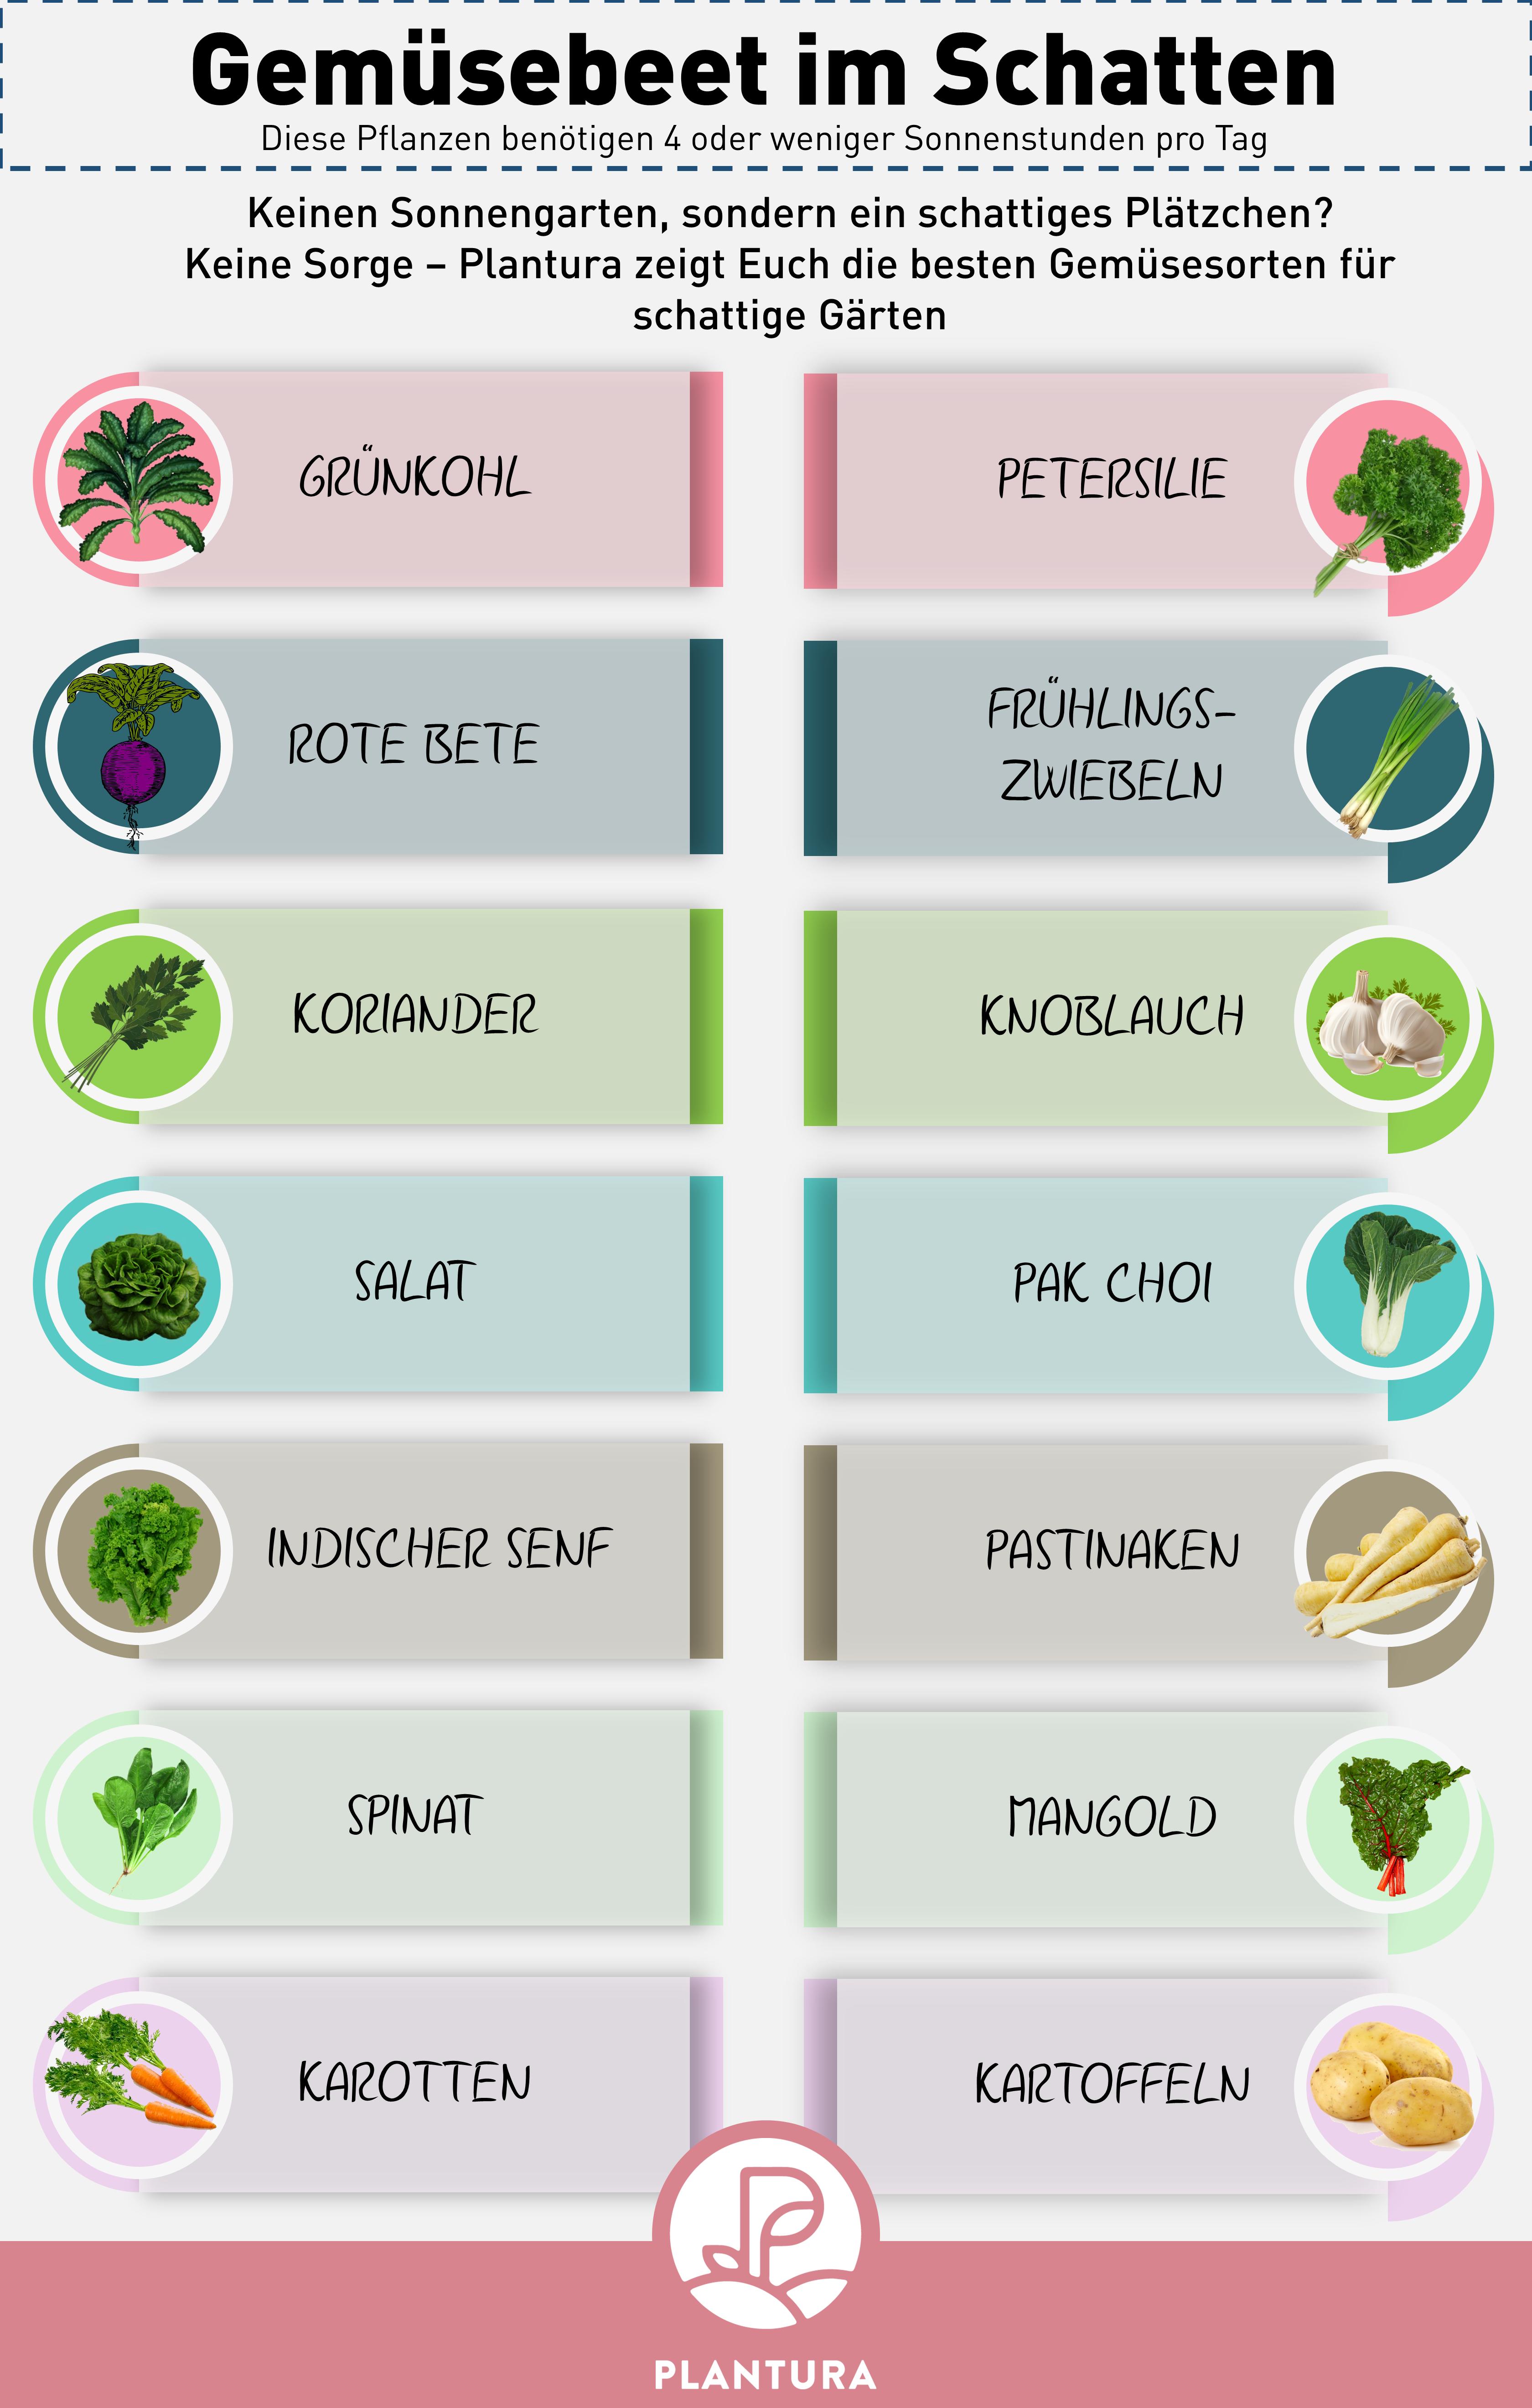 Dieses Gemüse ist perfekt für den Anbau im Schatten geeignet!